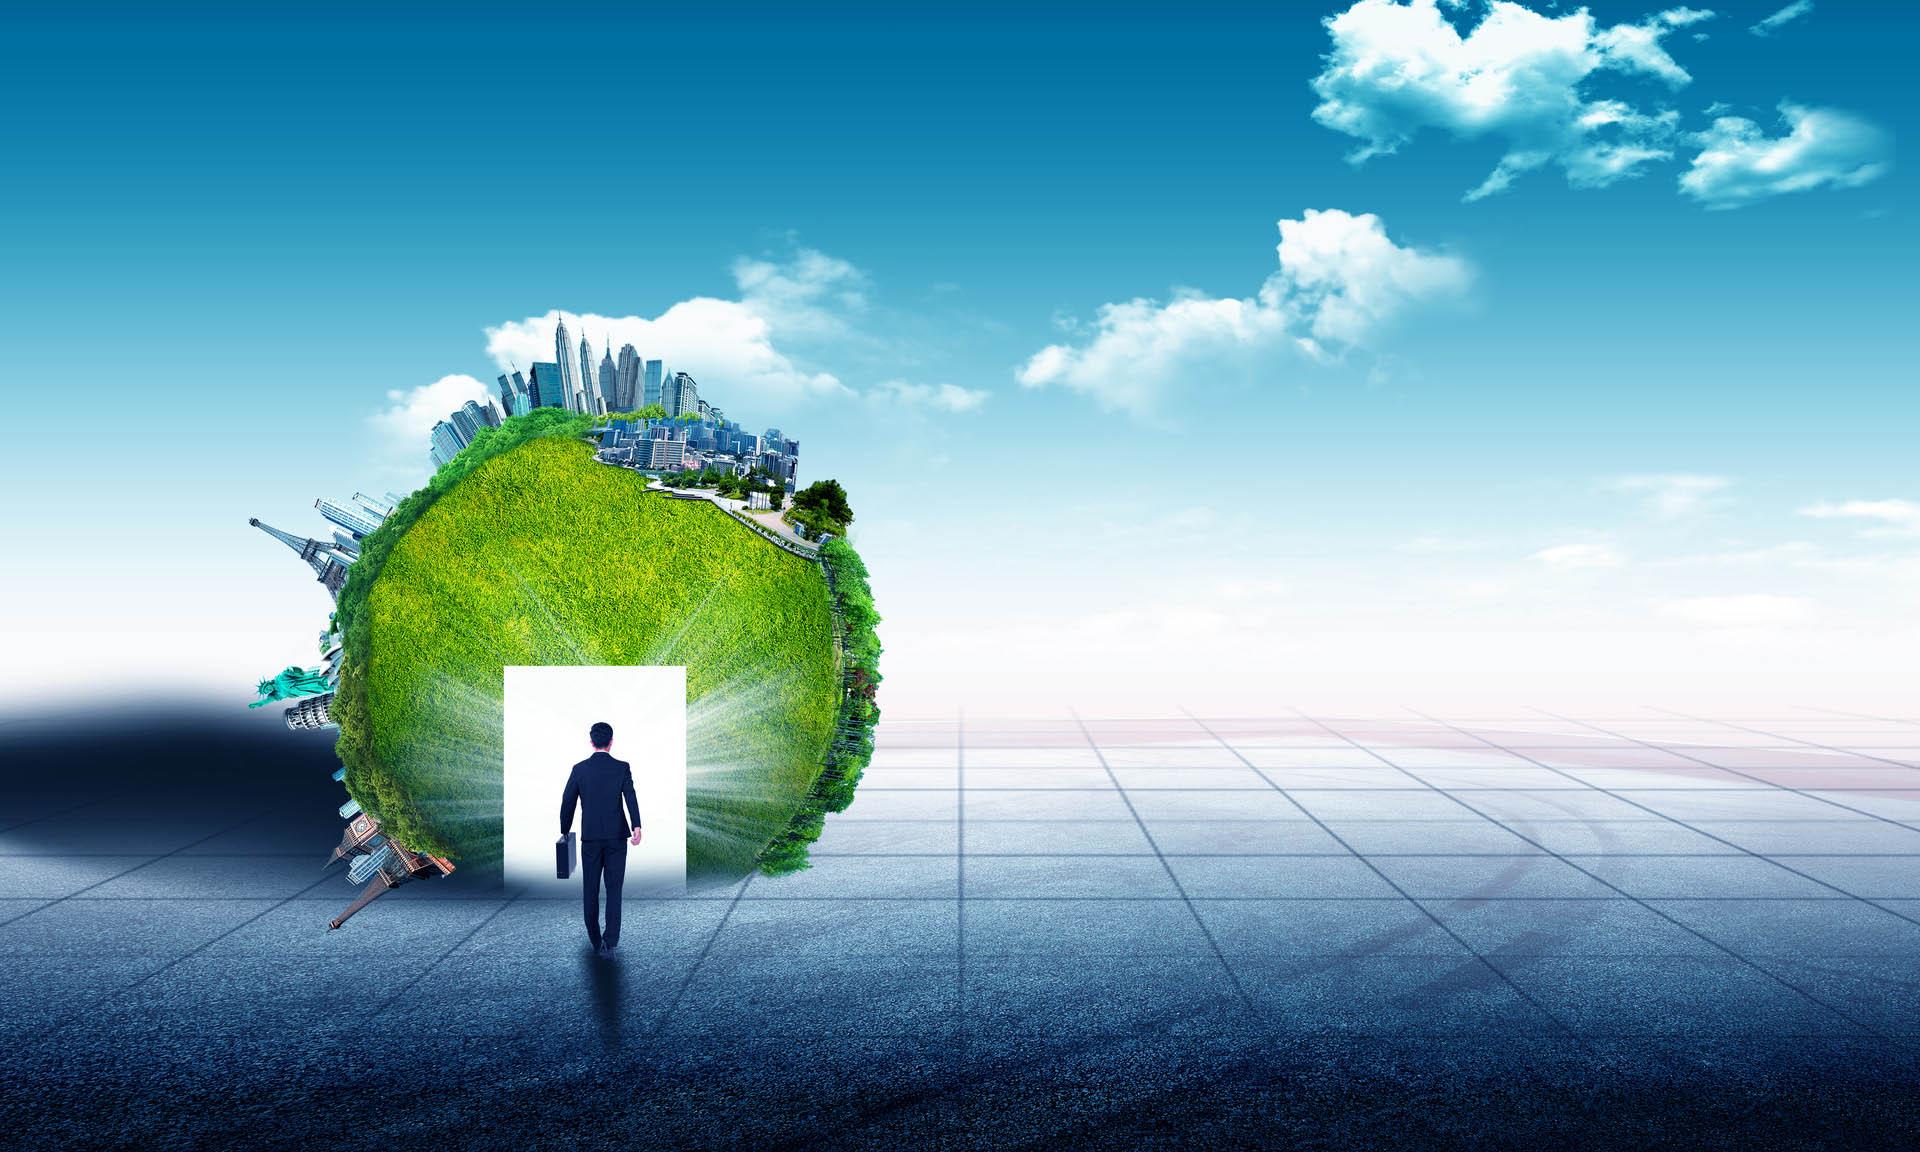 环保公司简介图片素材